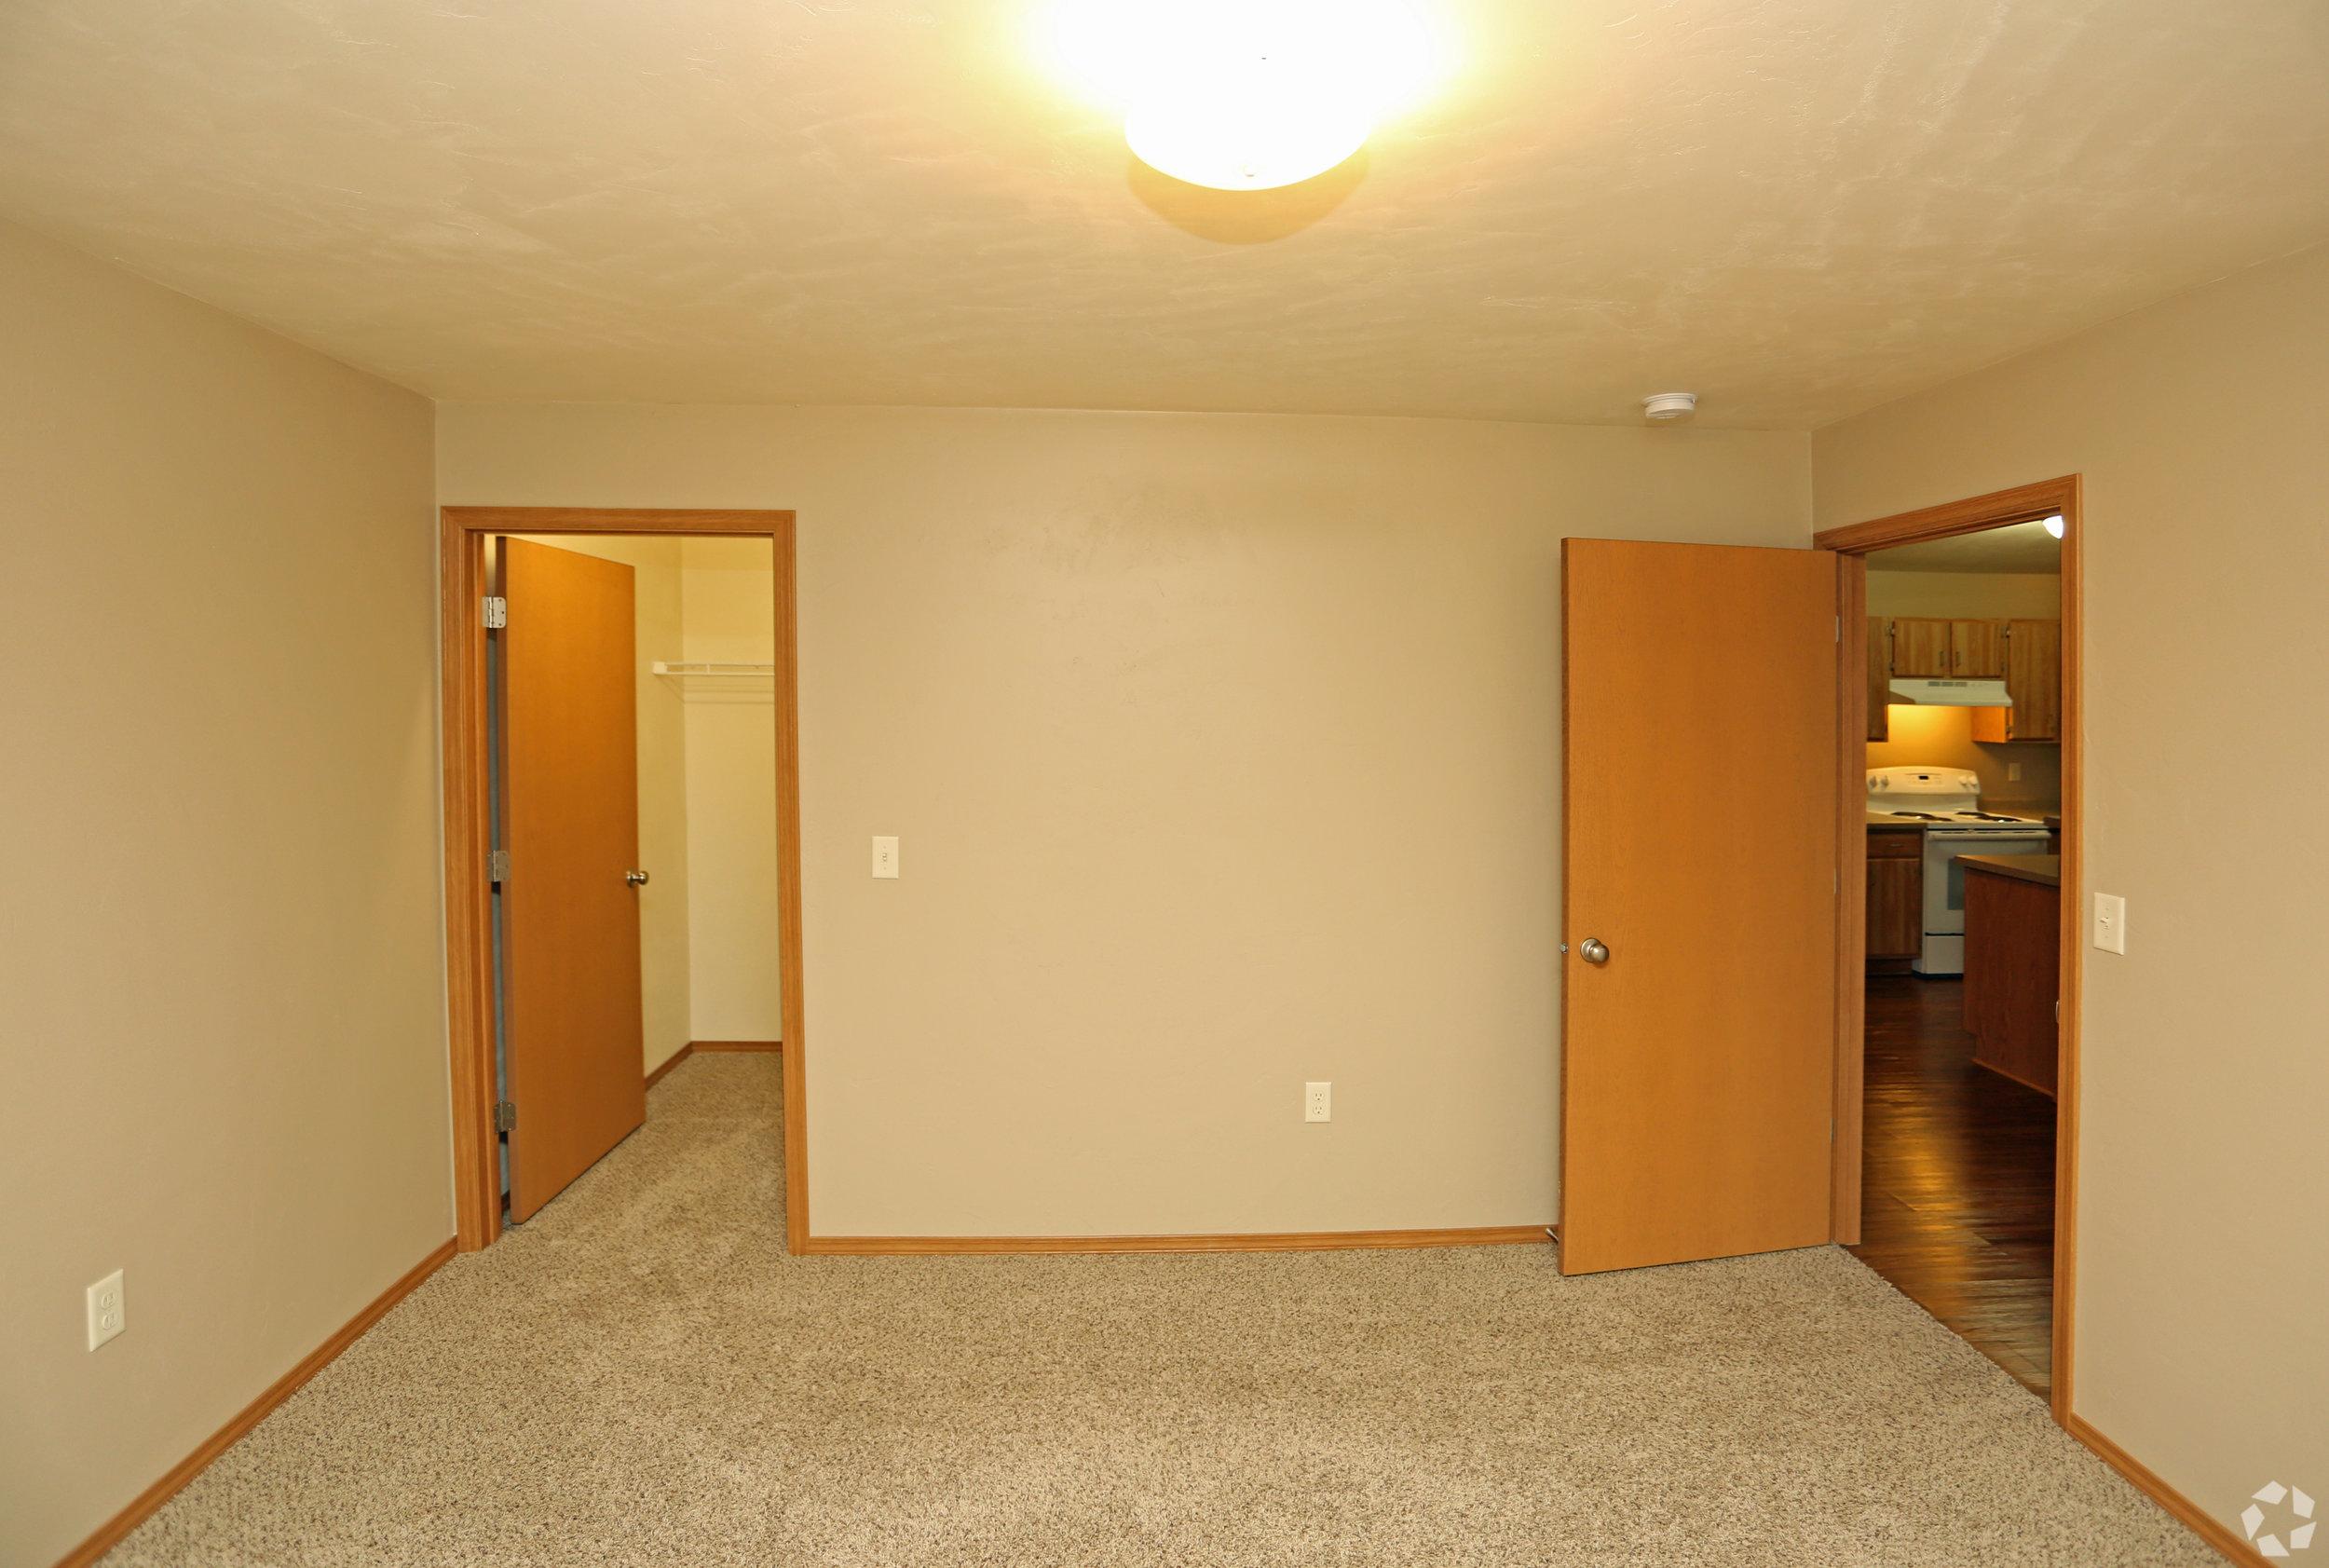 InteriorPhoto (13).jpg